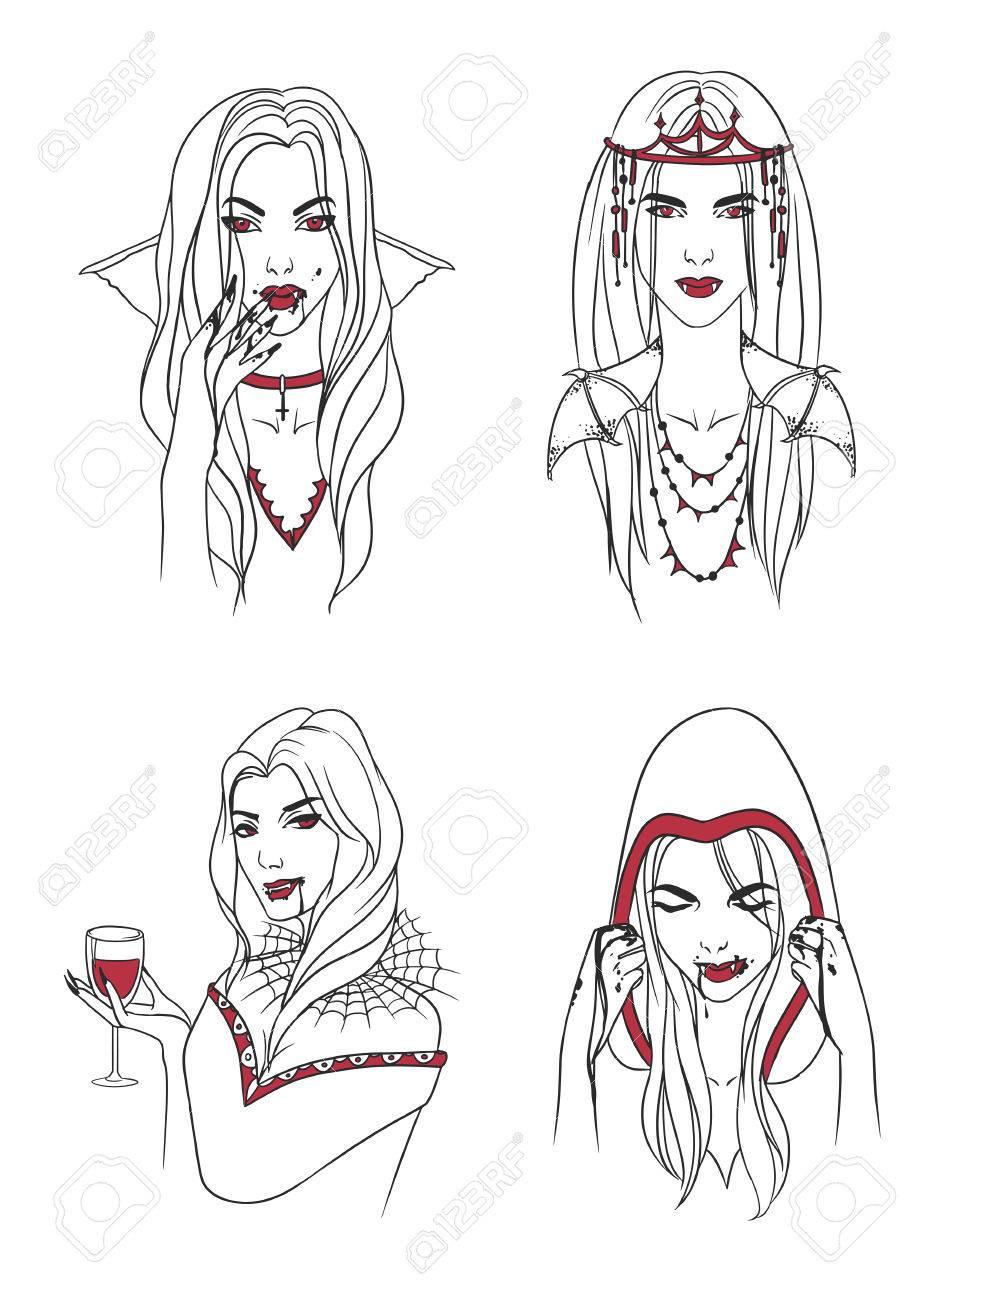 Chica Vampiro Mujer Con Colmillos Y Sangre Carácter Elegante De Halloween Del Retrato De La Colección Ilustración Vectorial Dibujado A Mano Del